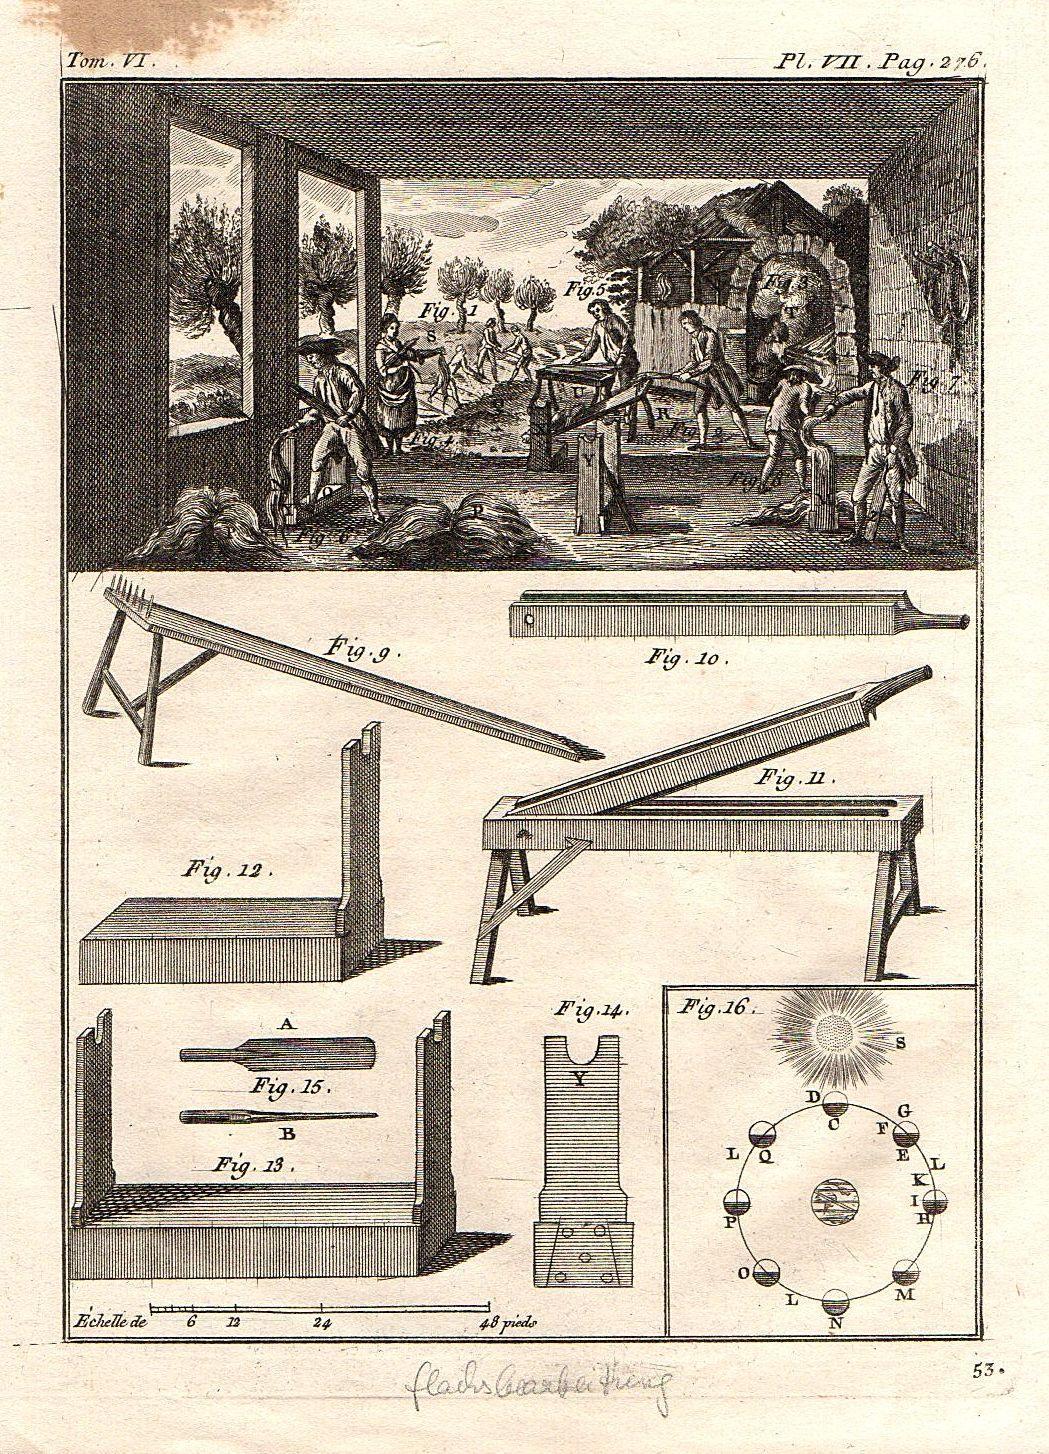 Flachsbearbeitung. Tom. VI., Pl. VII. Pag. 276.: Kupferstich.